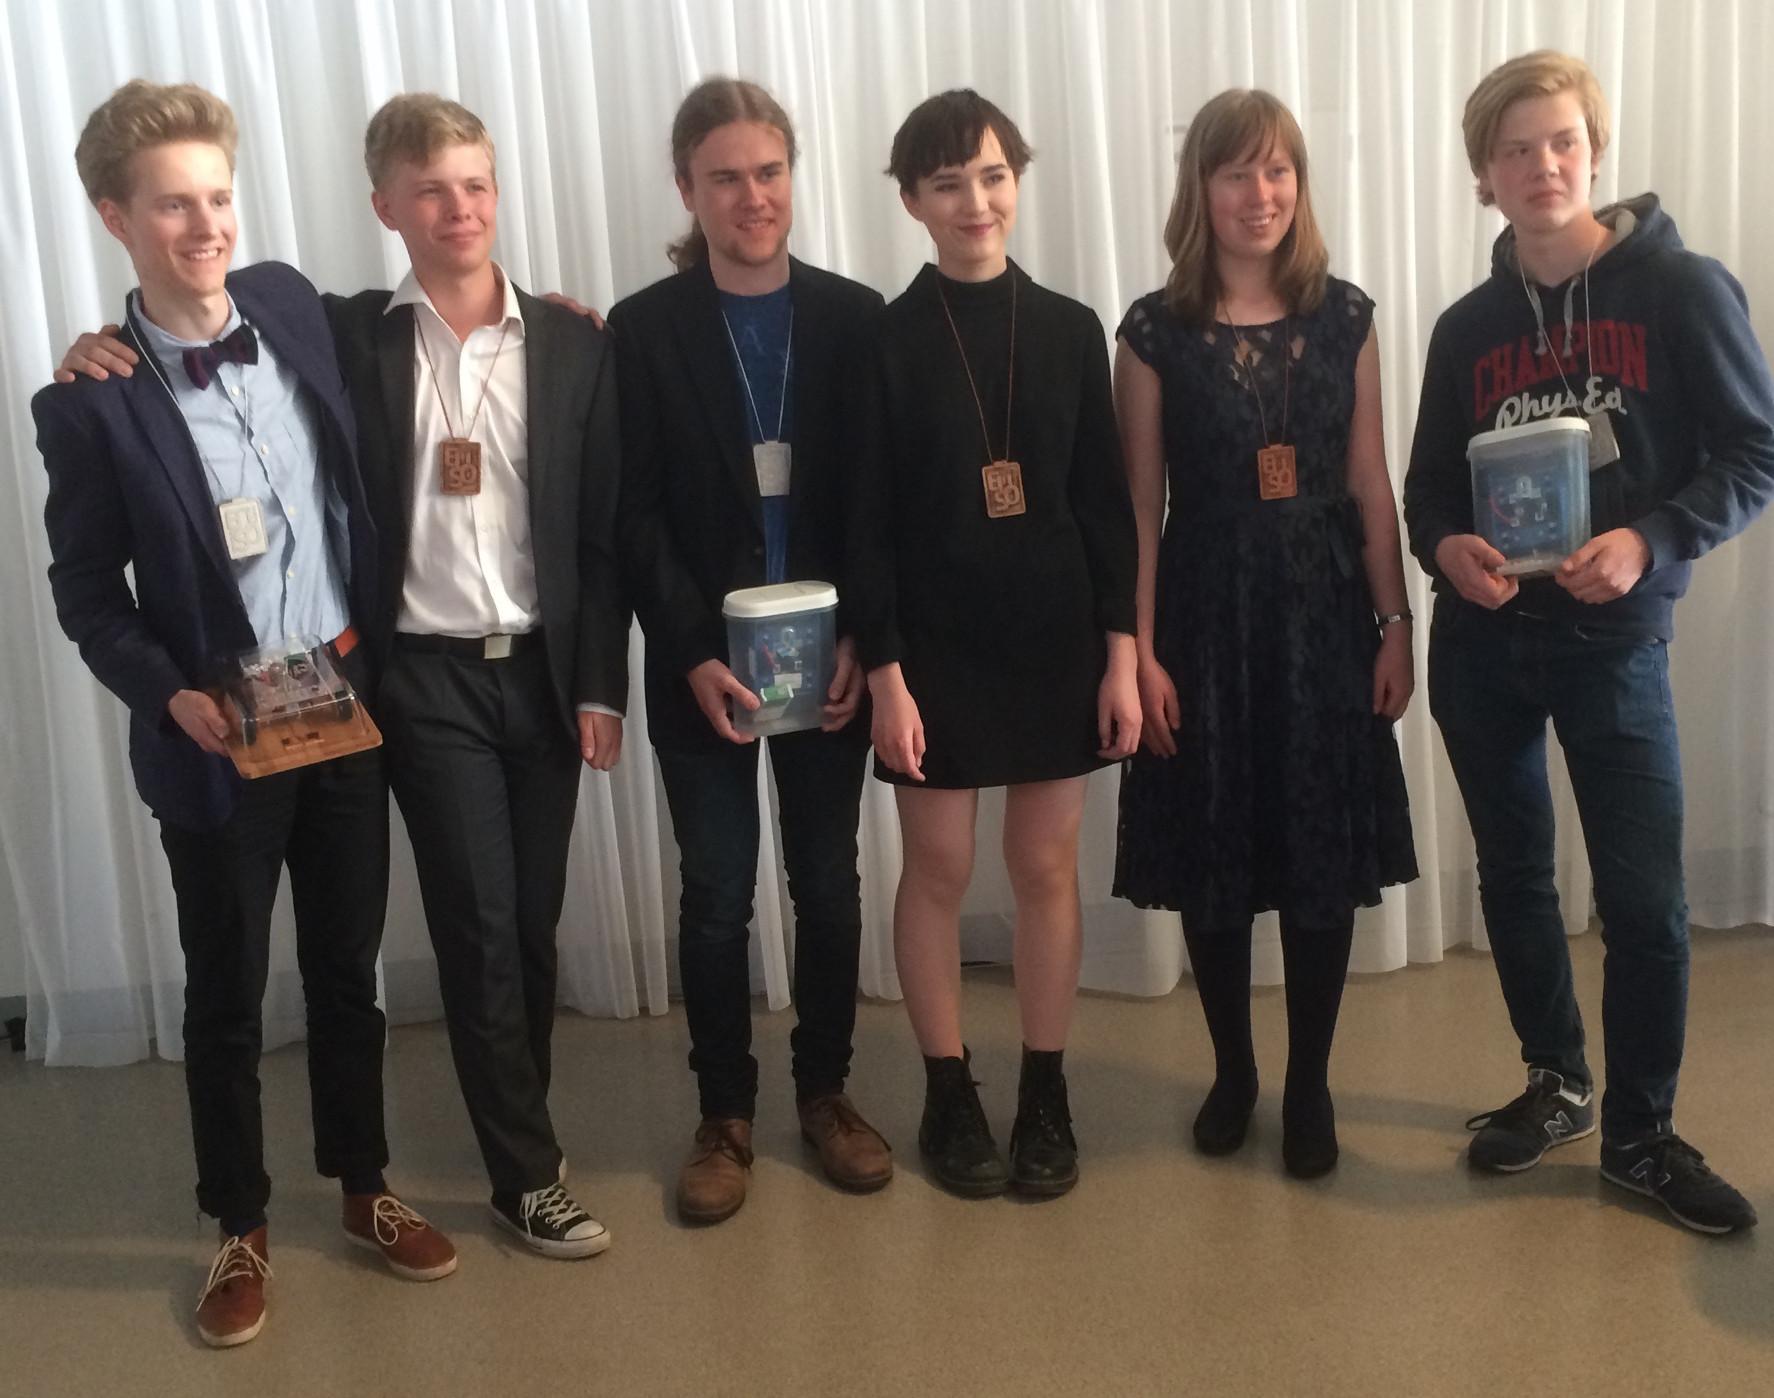 Årets svenska EUSO-deltagare efter prisutdelningen, från vänster: Arvid Lunnemark, Oliver Lindström, Ludvig Forslund, Julia Salwén, Alicia van Hees och Nils Hammar.